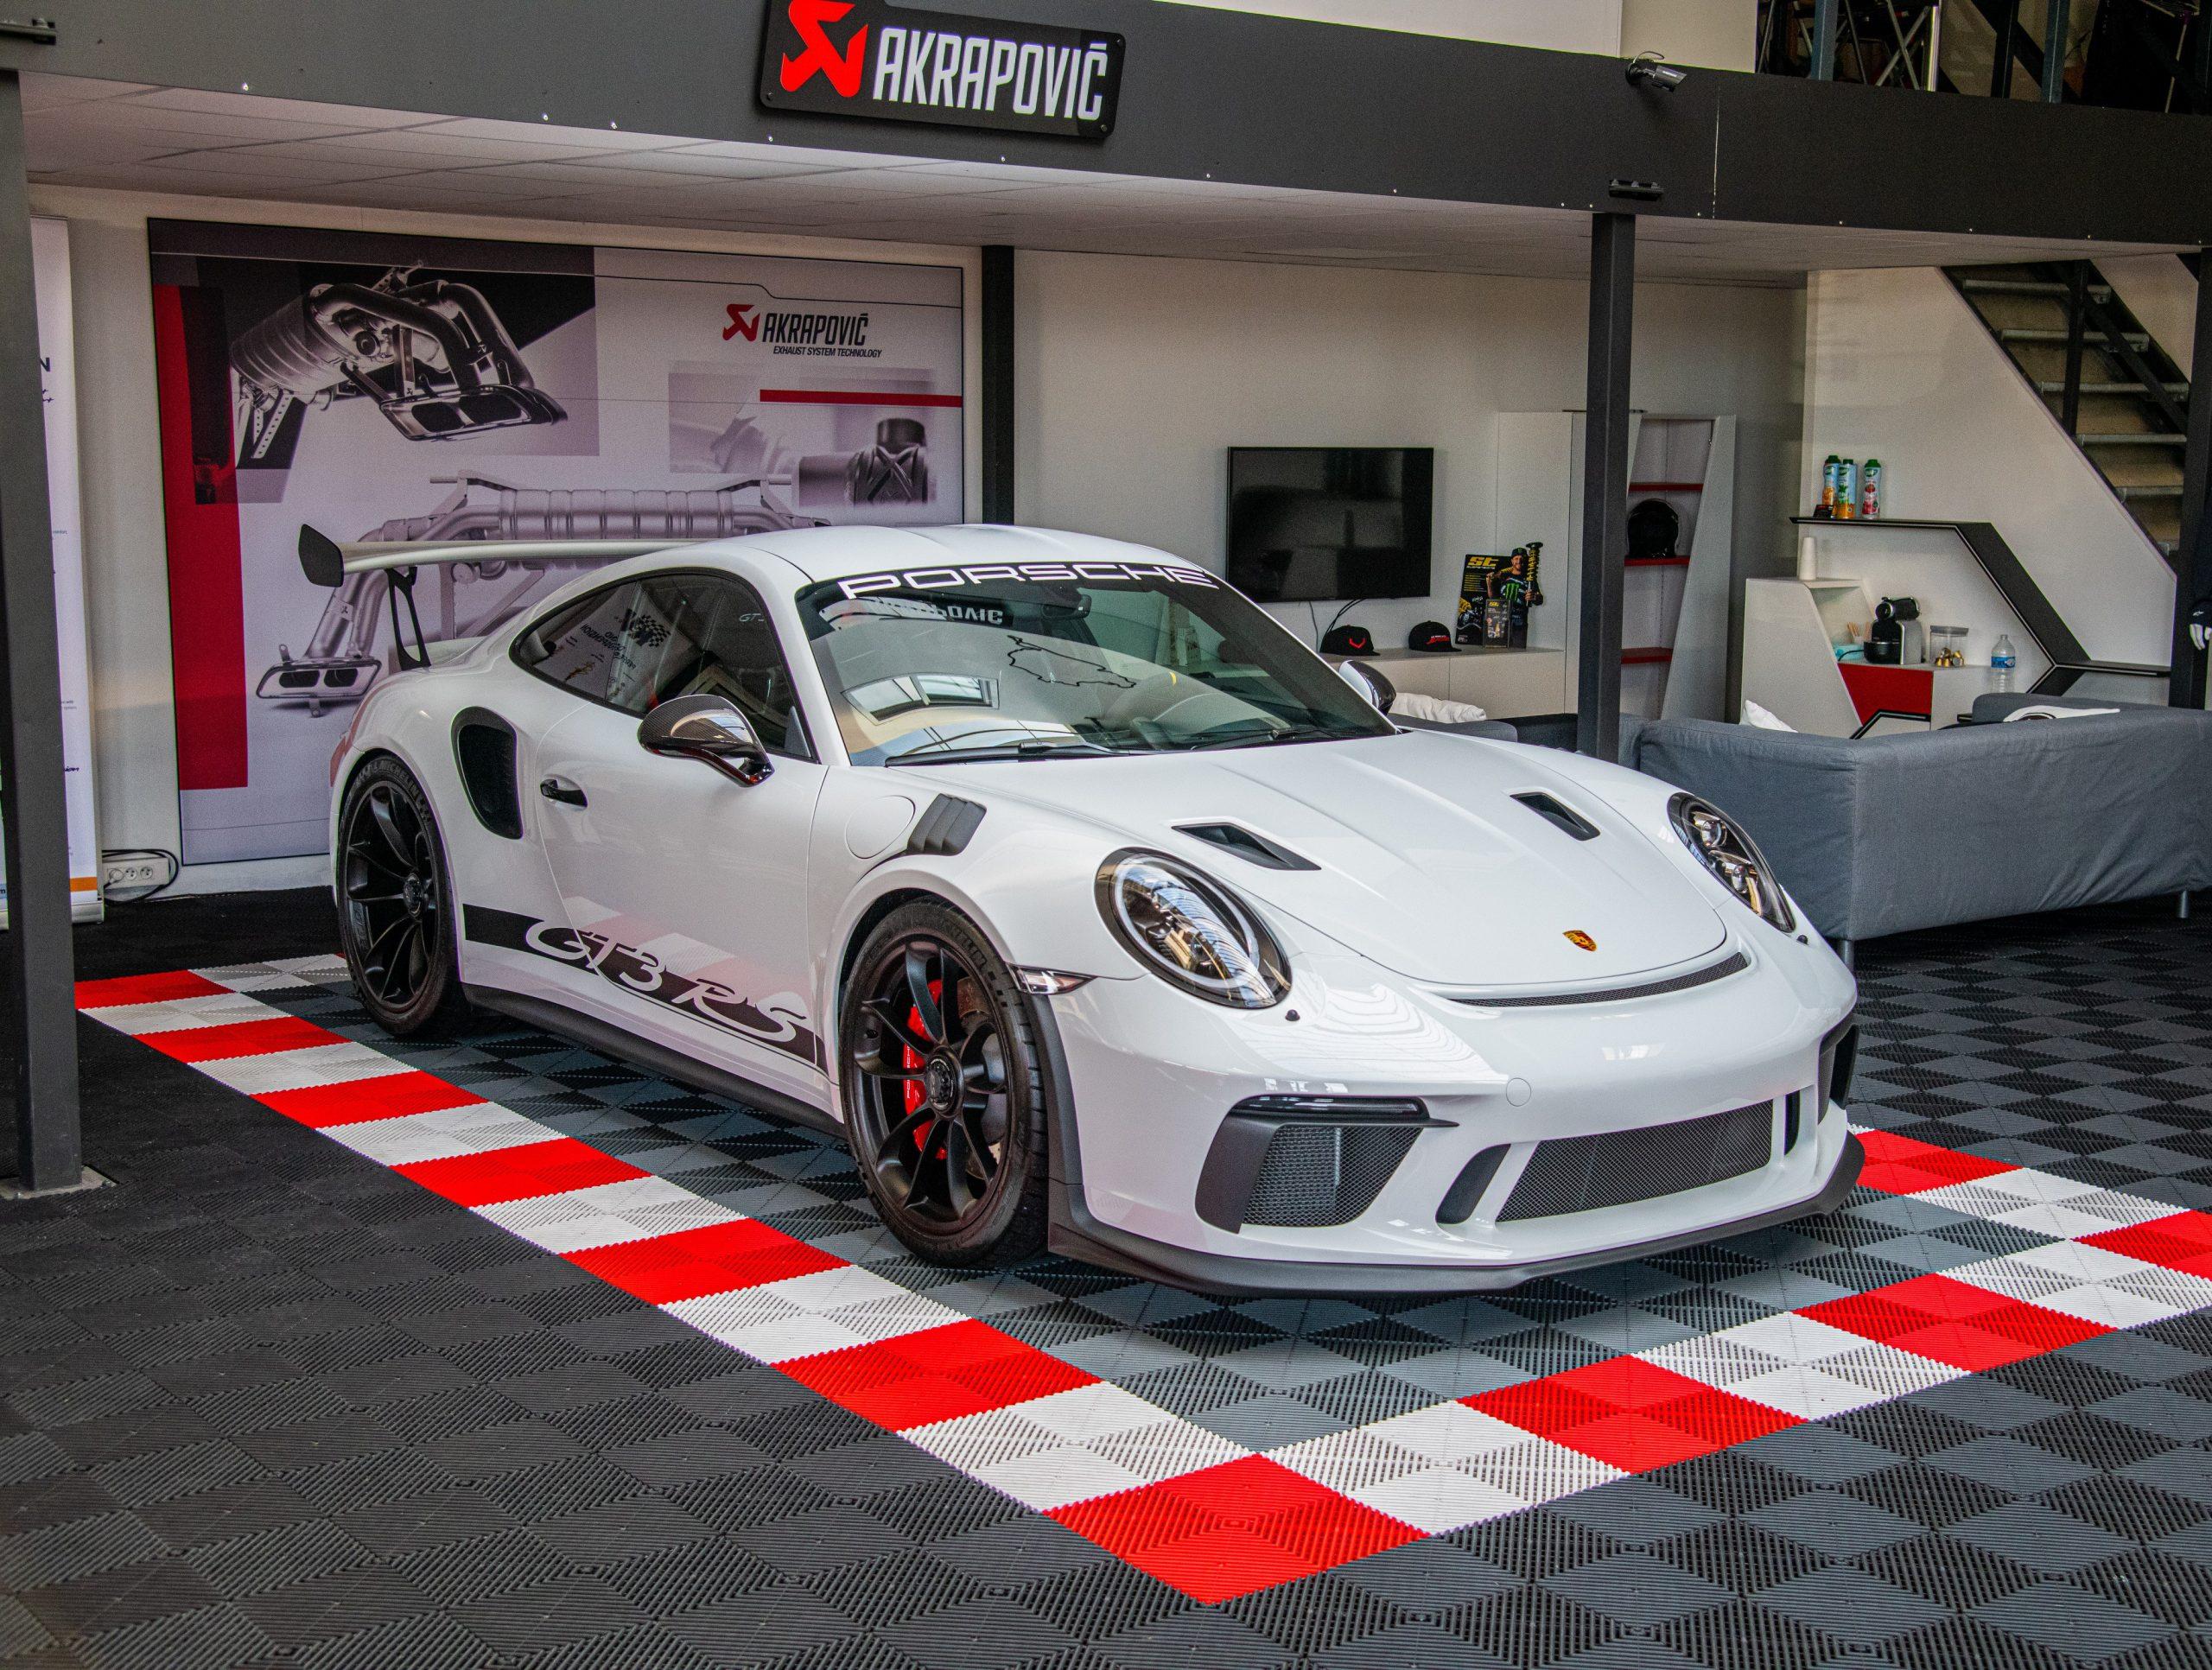 Porsche 991.2 GT3 RS 520 ch Blanche Le mans auto racing